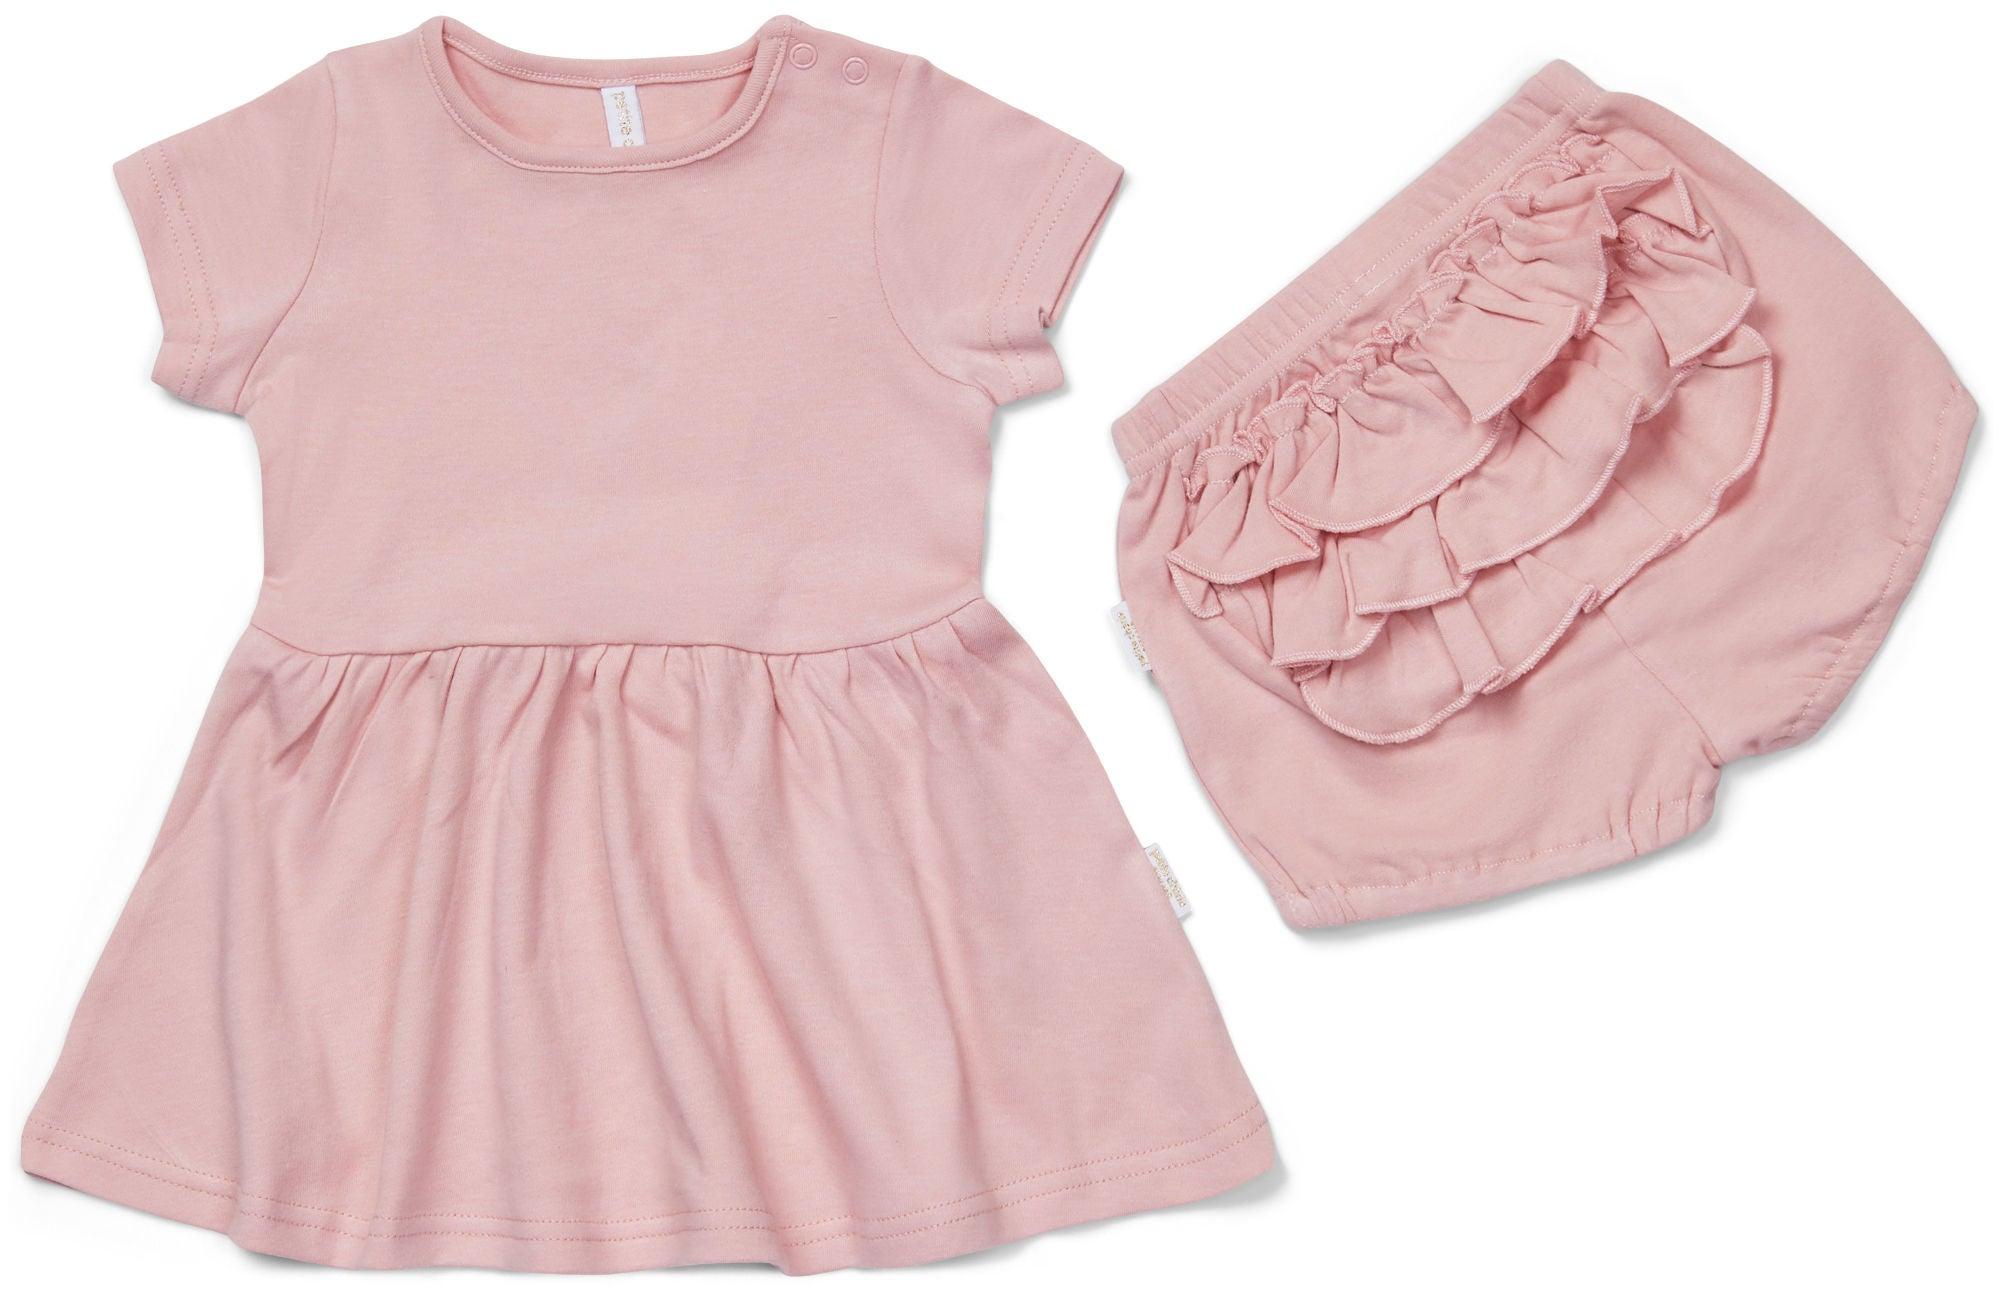 2a1cc16b7672 Barnklänningar & Tunikor   För barn och baby   Jollyroom